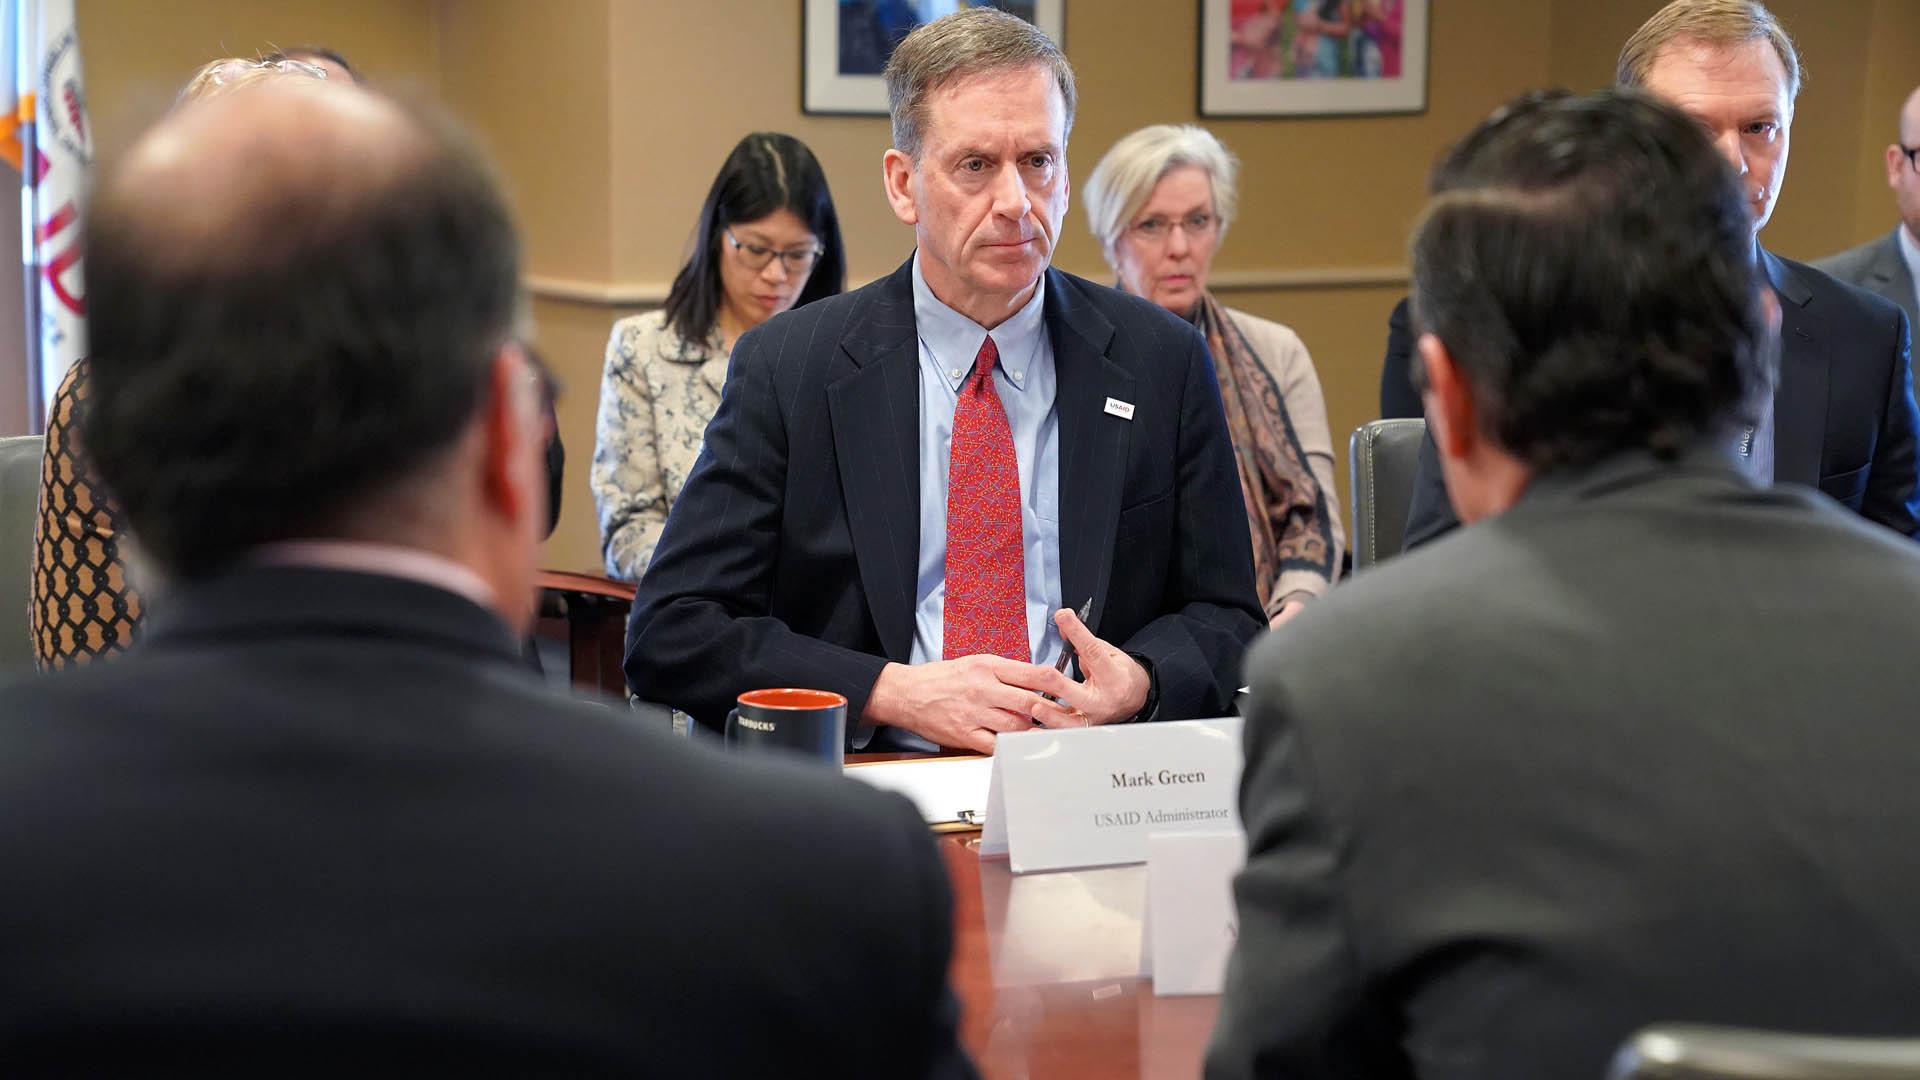 Mark Green, titular de USAID en reunión para gestionar ayuda humanitaria a Venezuela. Foto de @USAIDMarkGreen